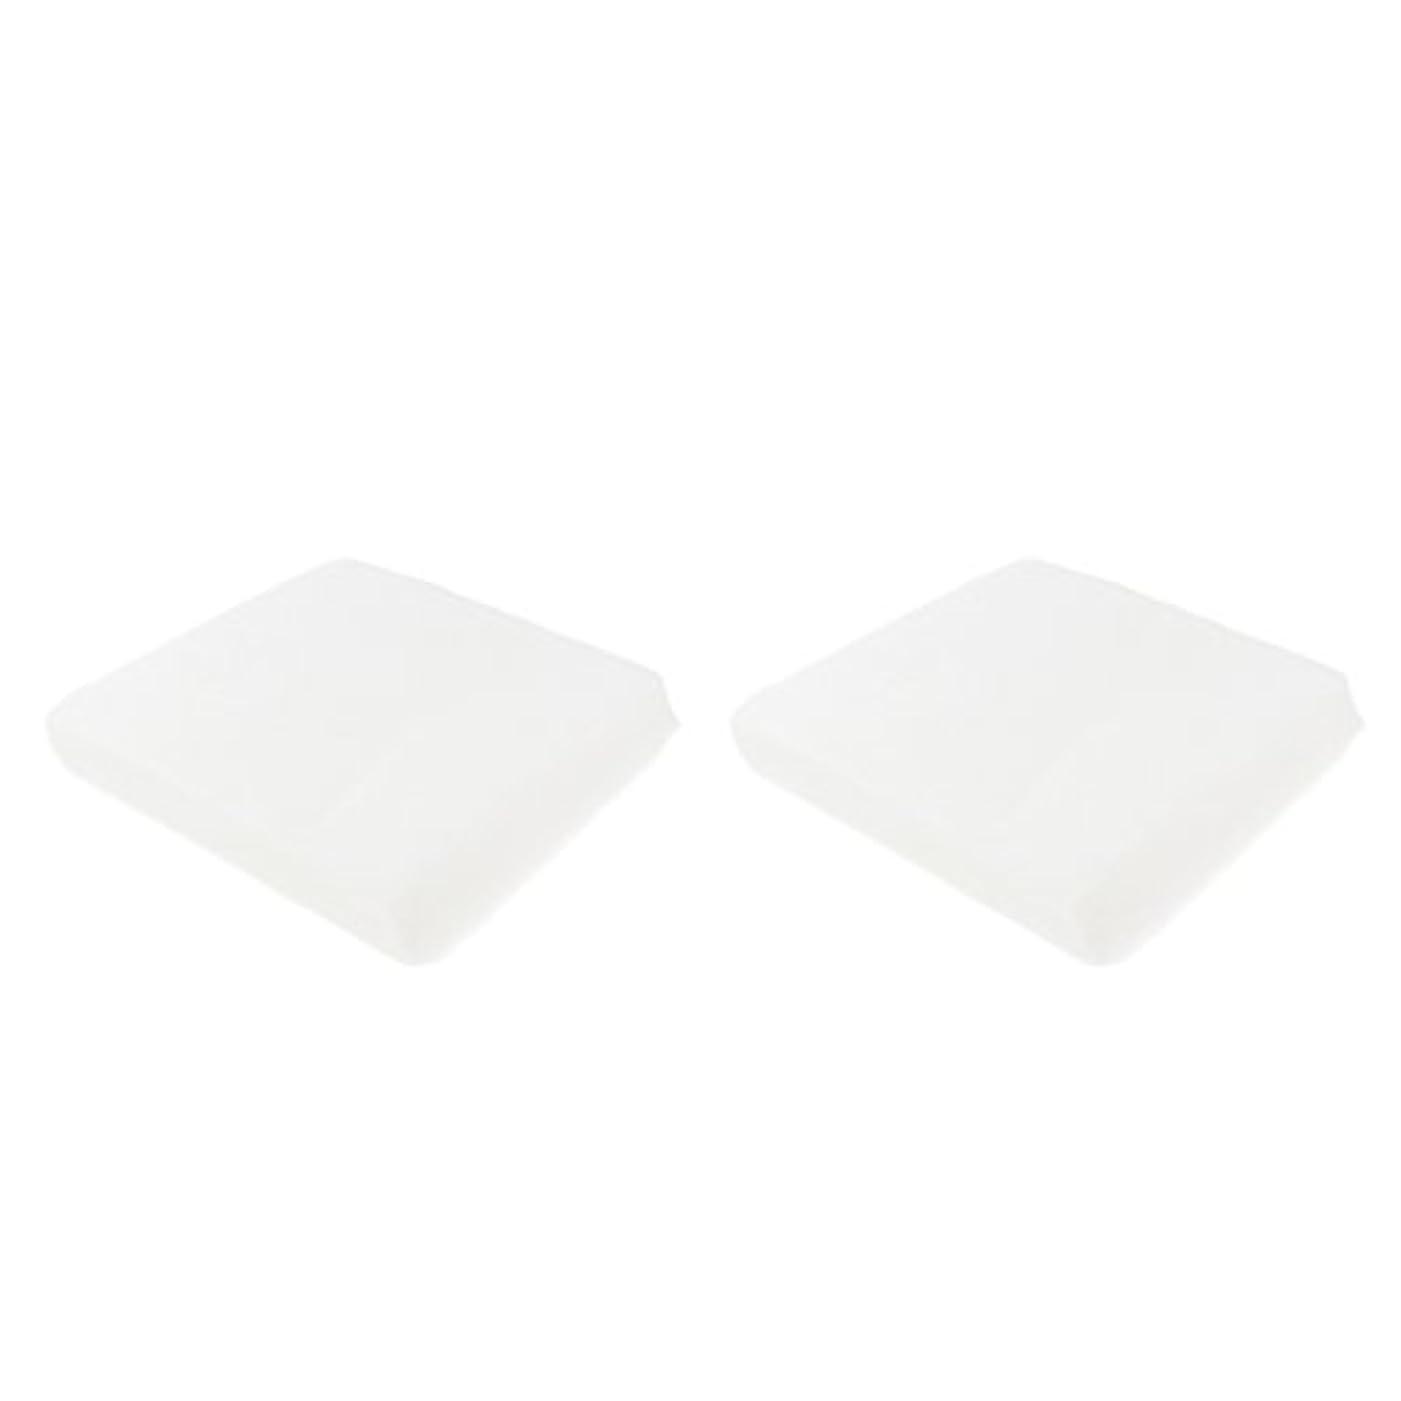 終点公平ルアークレンジングシート メイク落とし 使い捨て 洗顔シート 不織布 顔クレンジング 2サイズ - 1#